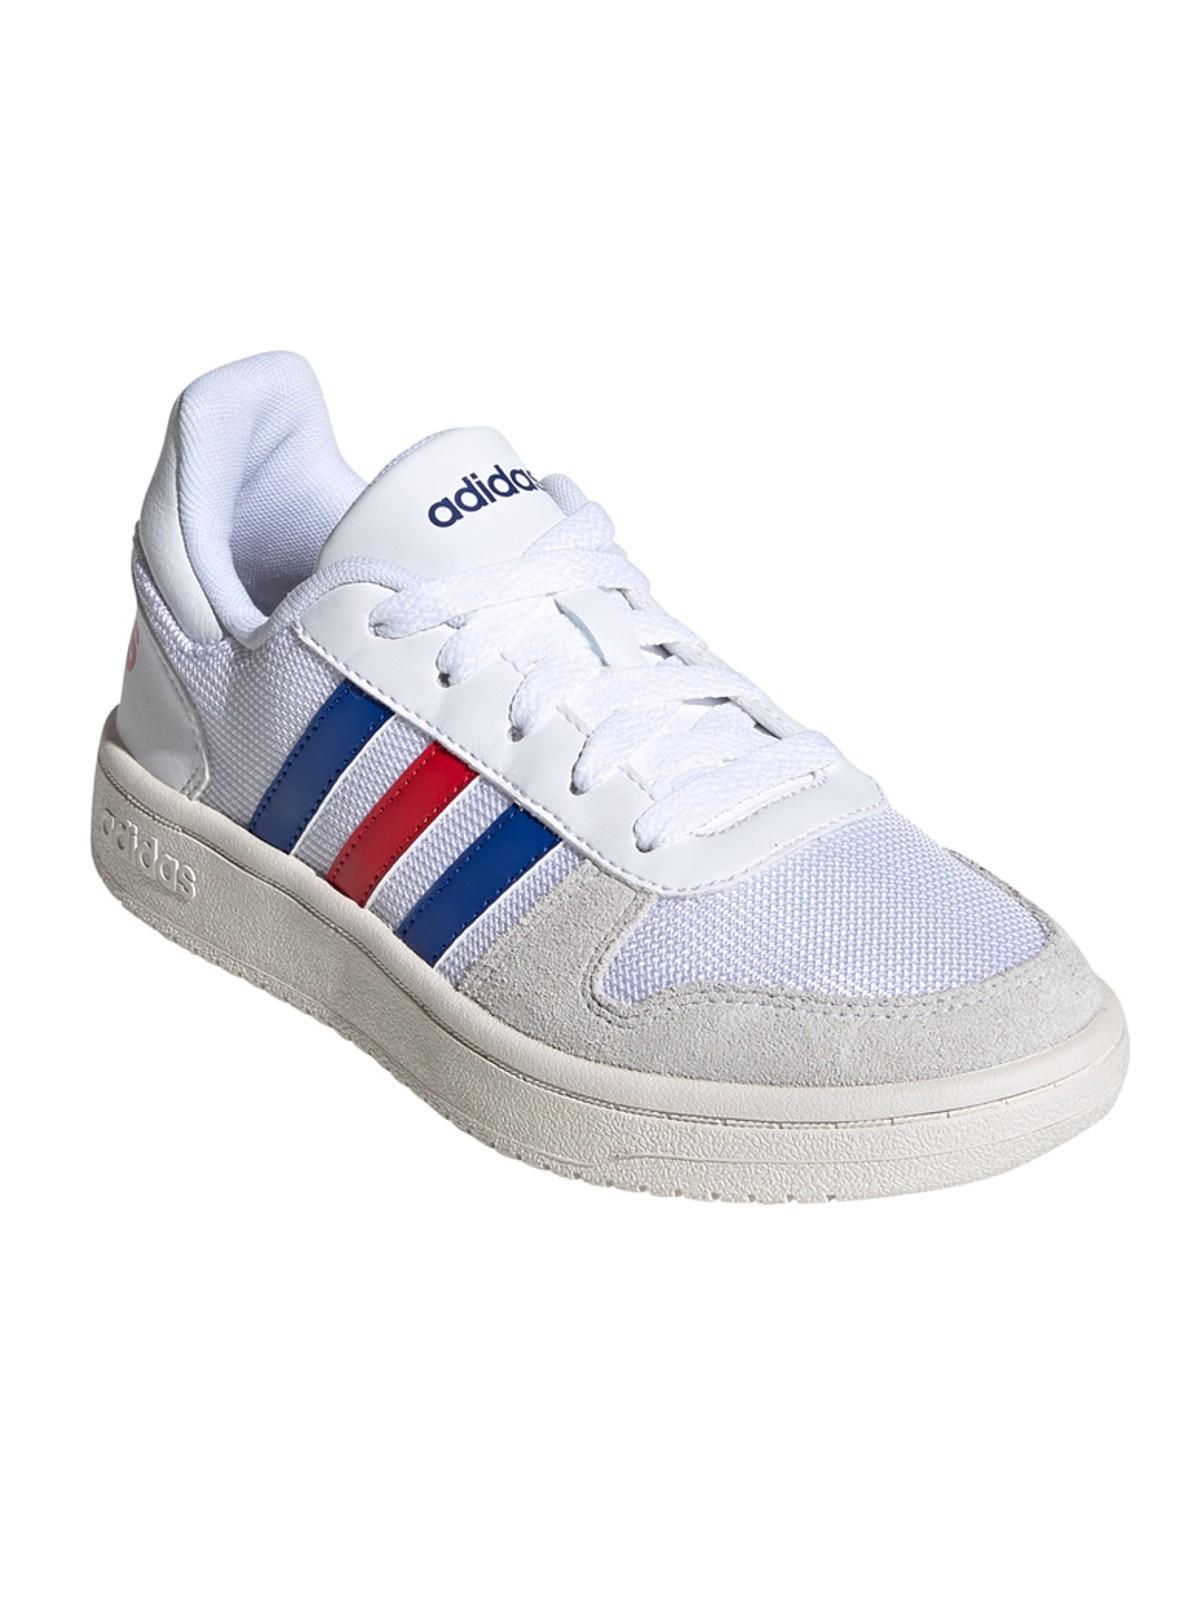 Chaussure de sport adidas femme (36-39) - DistriCenter